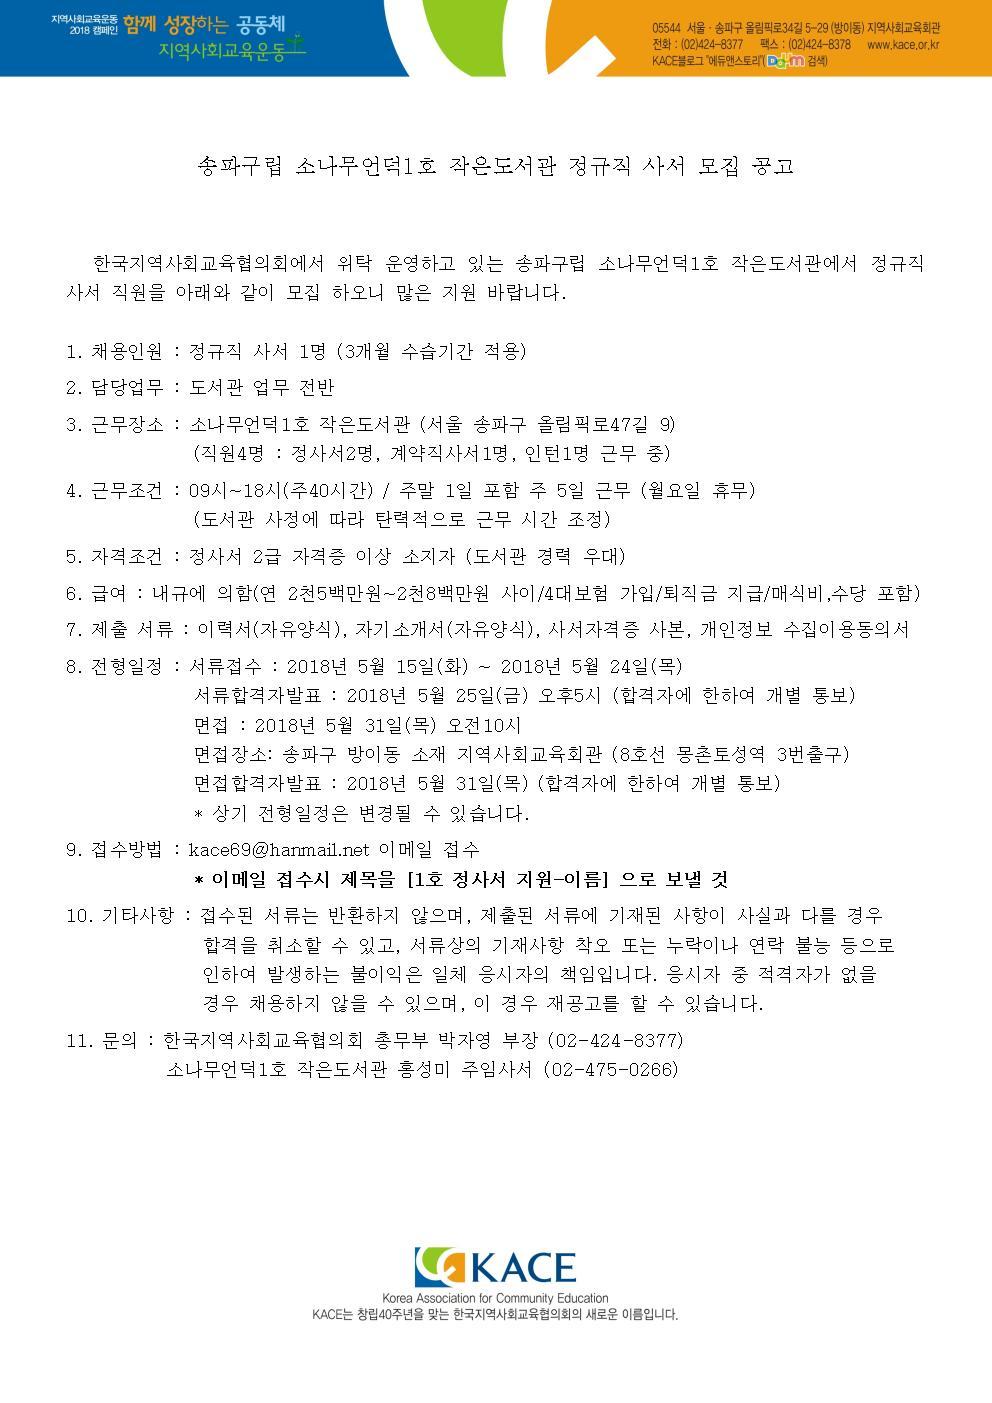 (2018.5.14.) 1호 도서관 정규직 사서 모집 공고(홈피)001.jpg